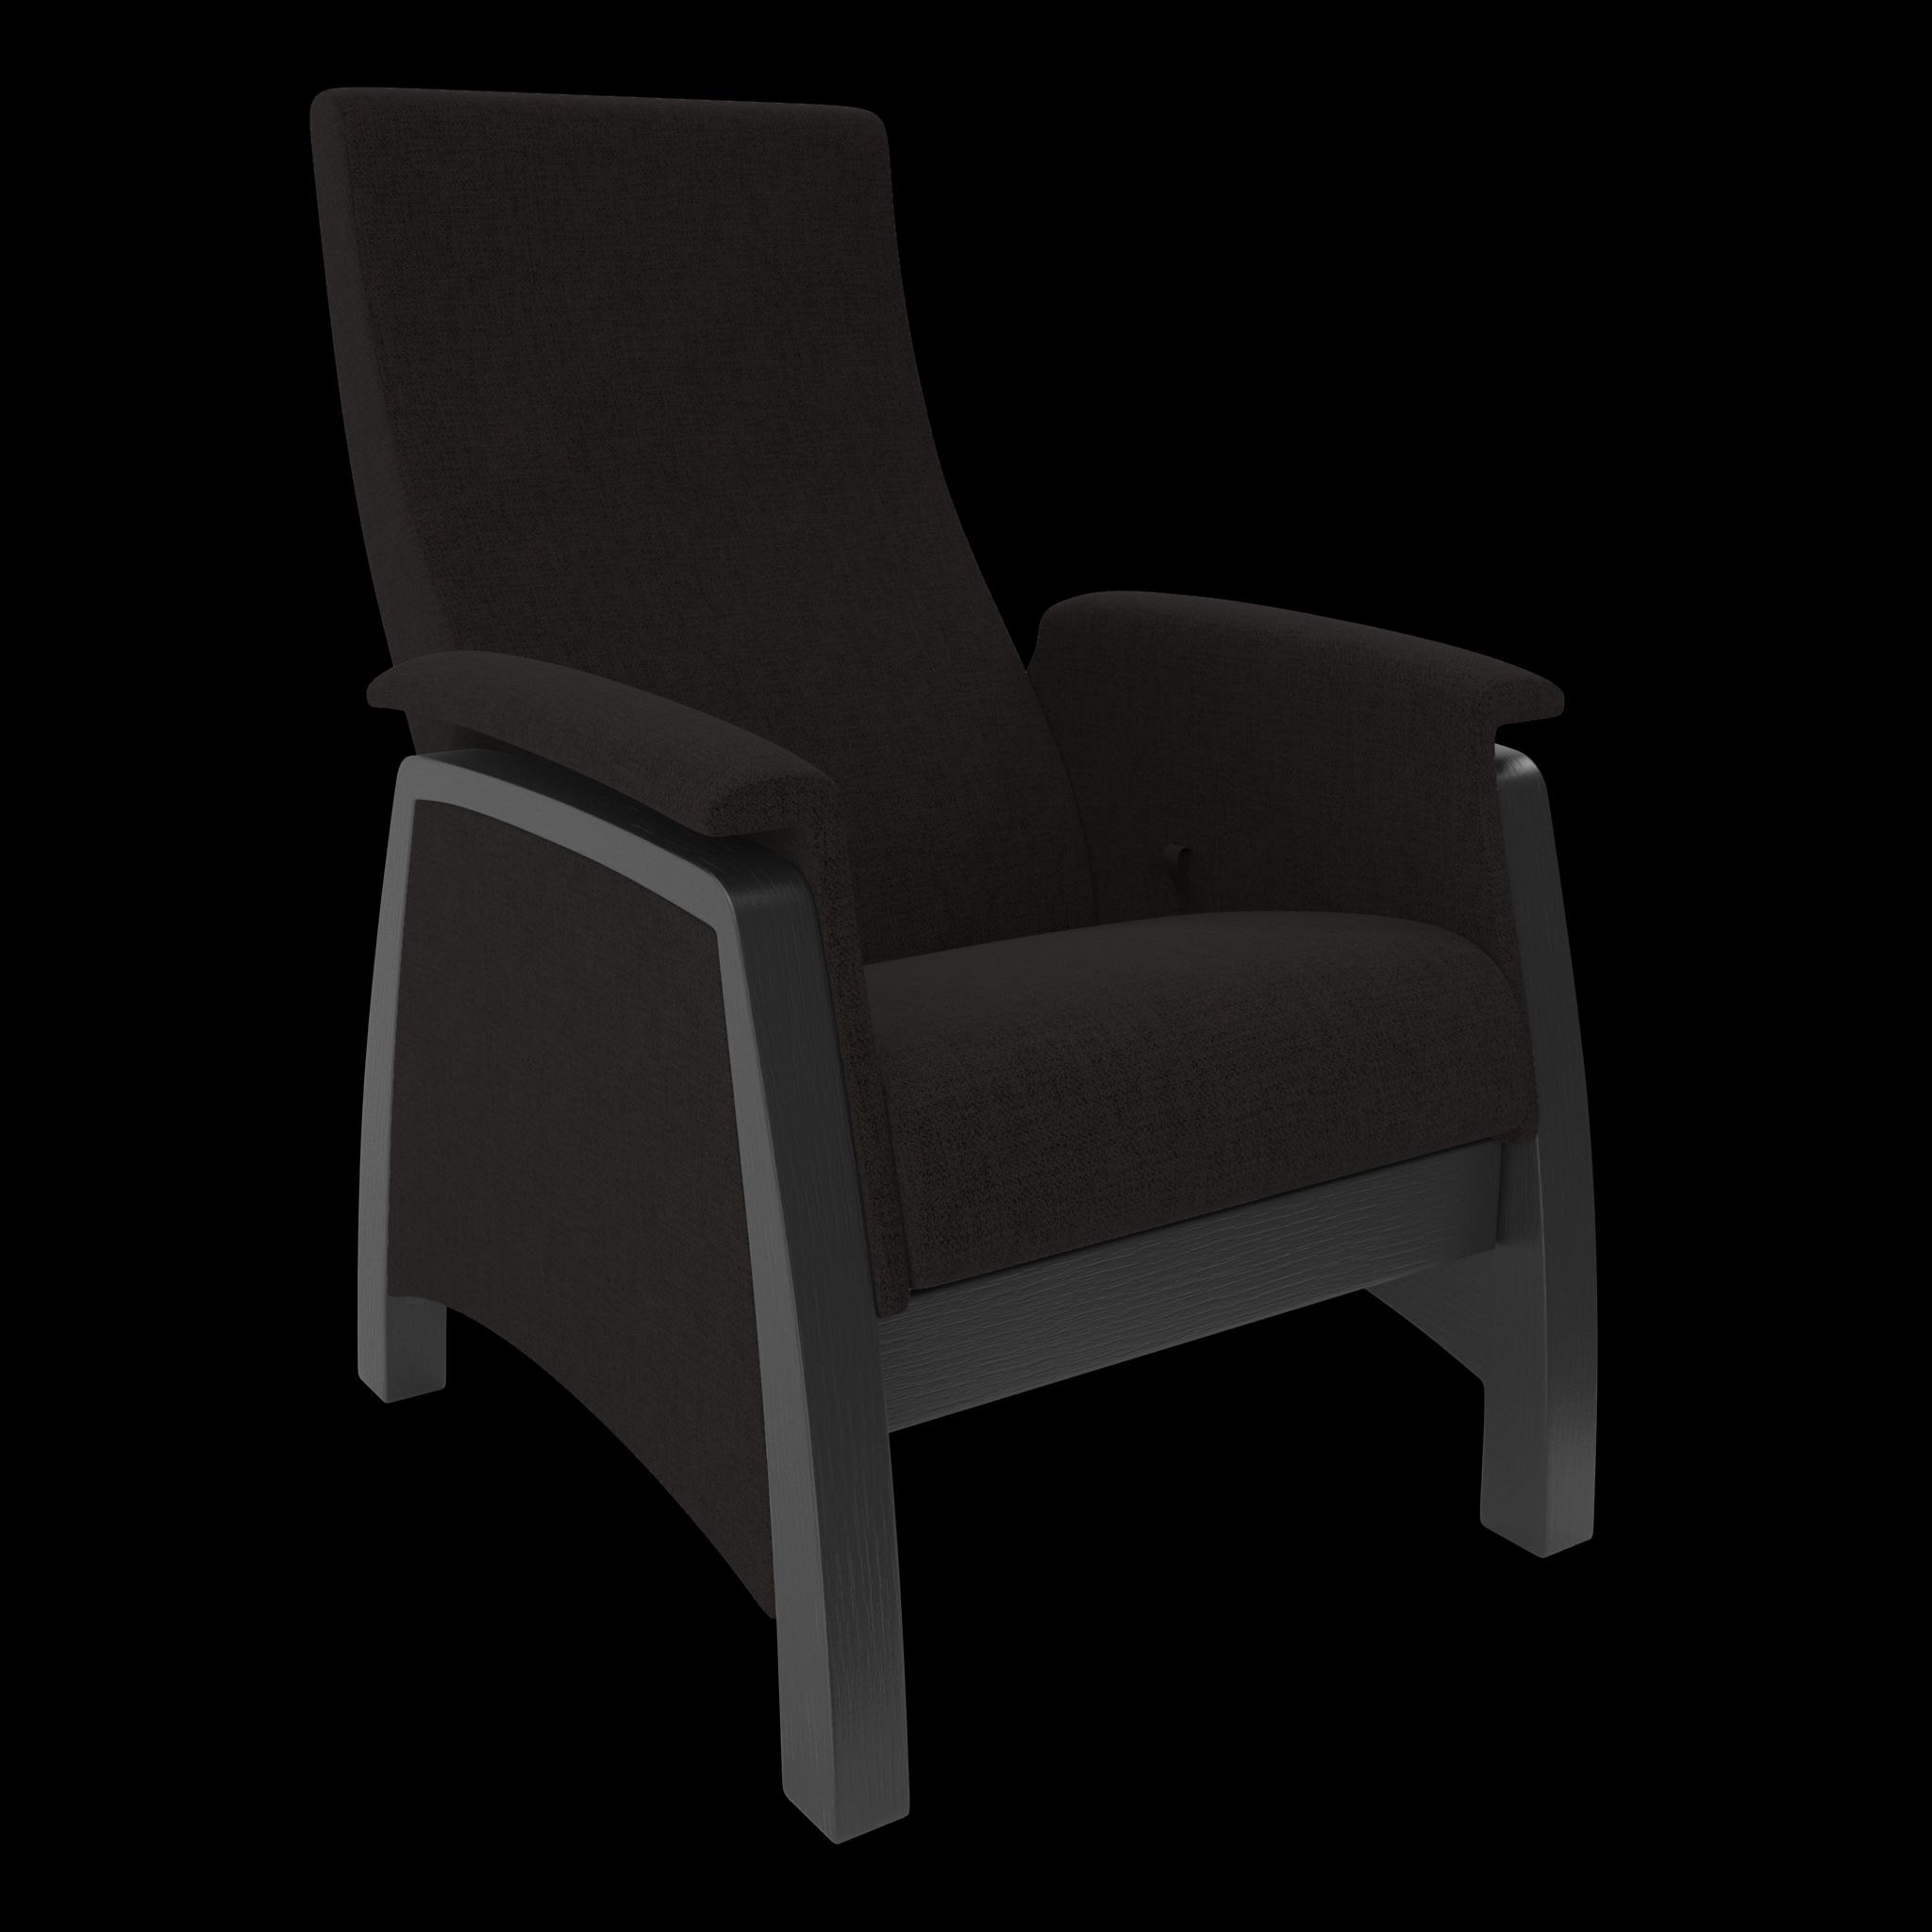 Кресло-качалка Balance 1, темно-коричневый